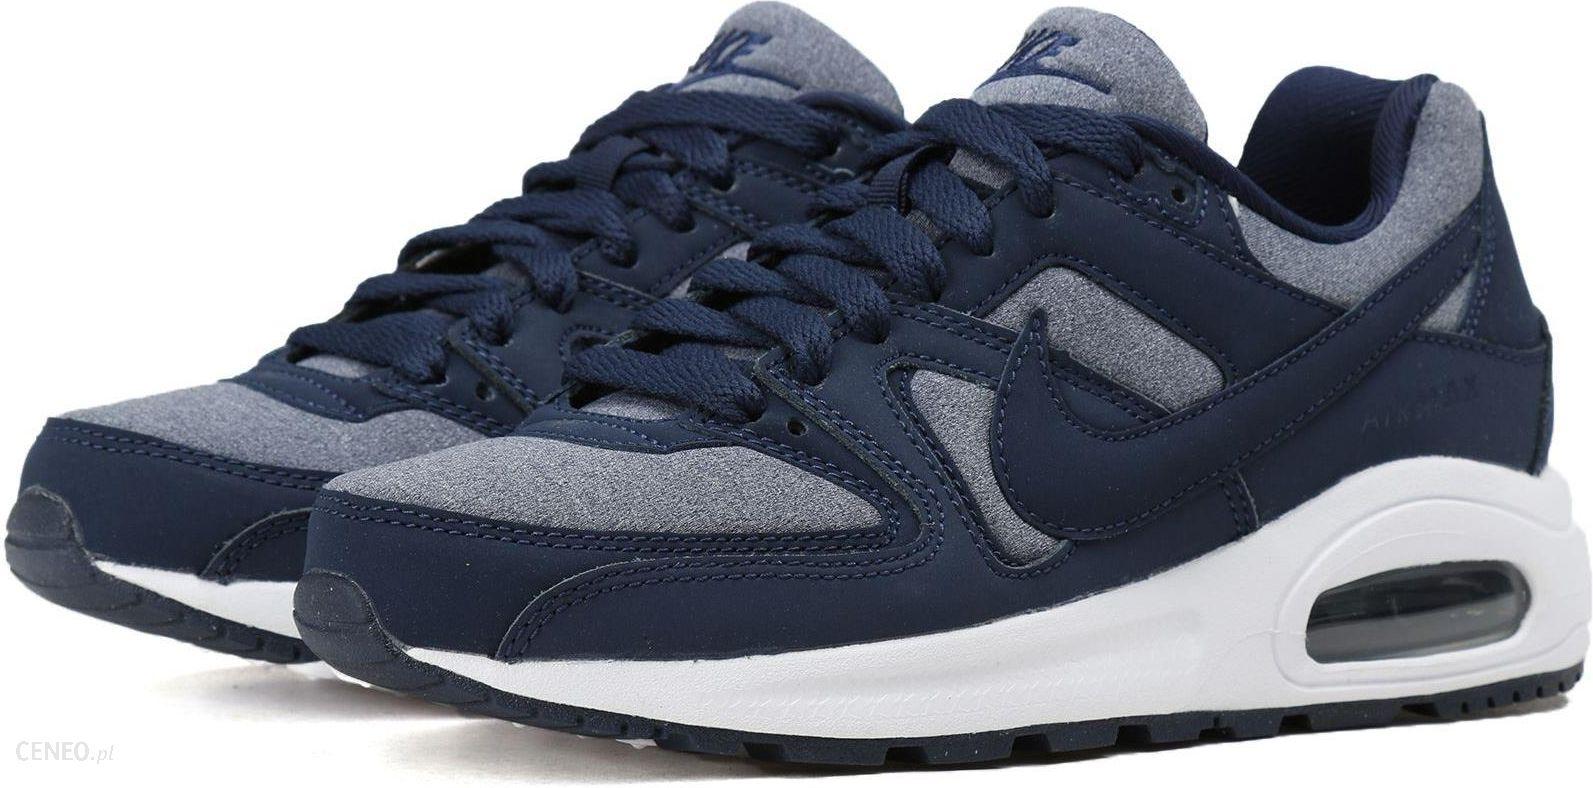 Shoes NIKE Air Max Command Flex (GS) 844346 101 White